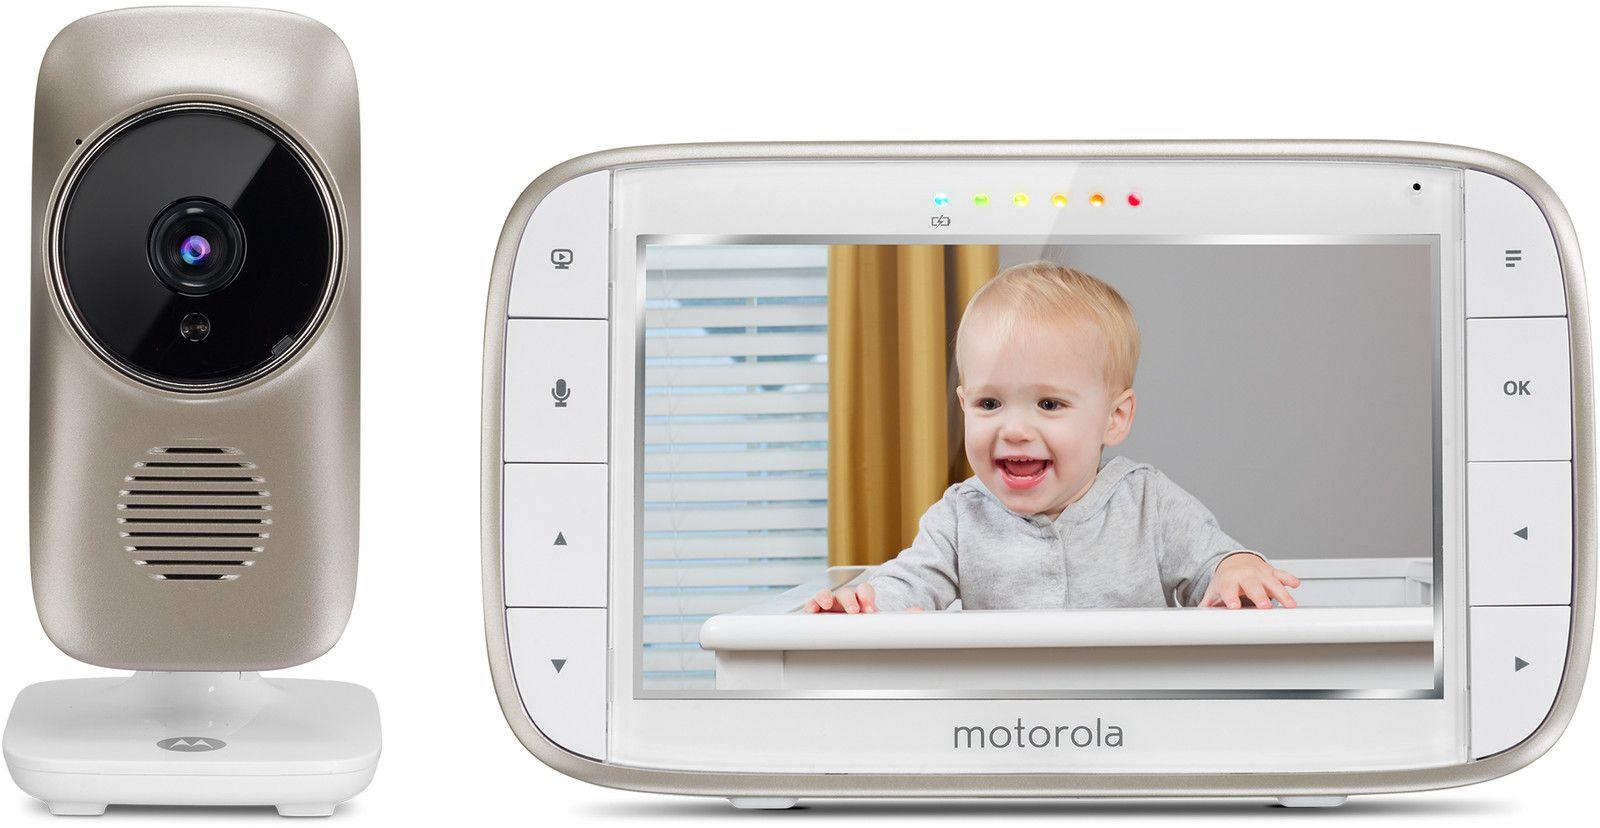 Motorola Babymonitor MBP845